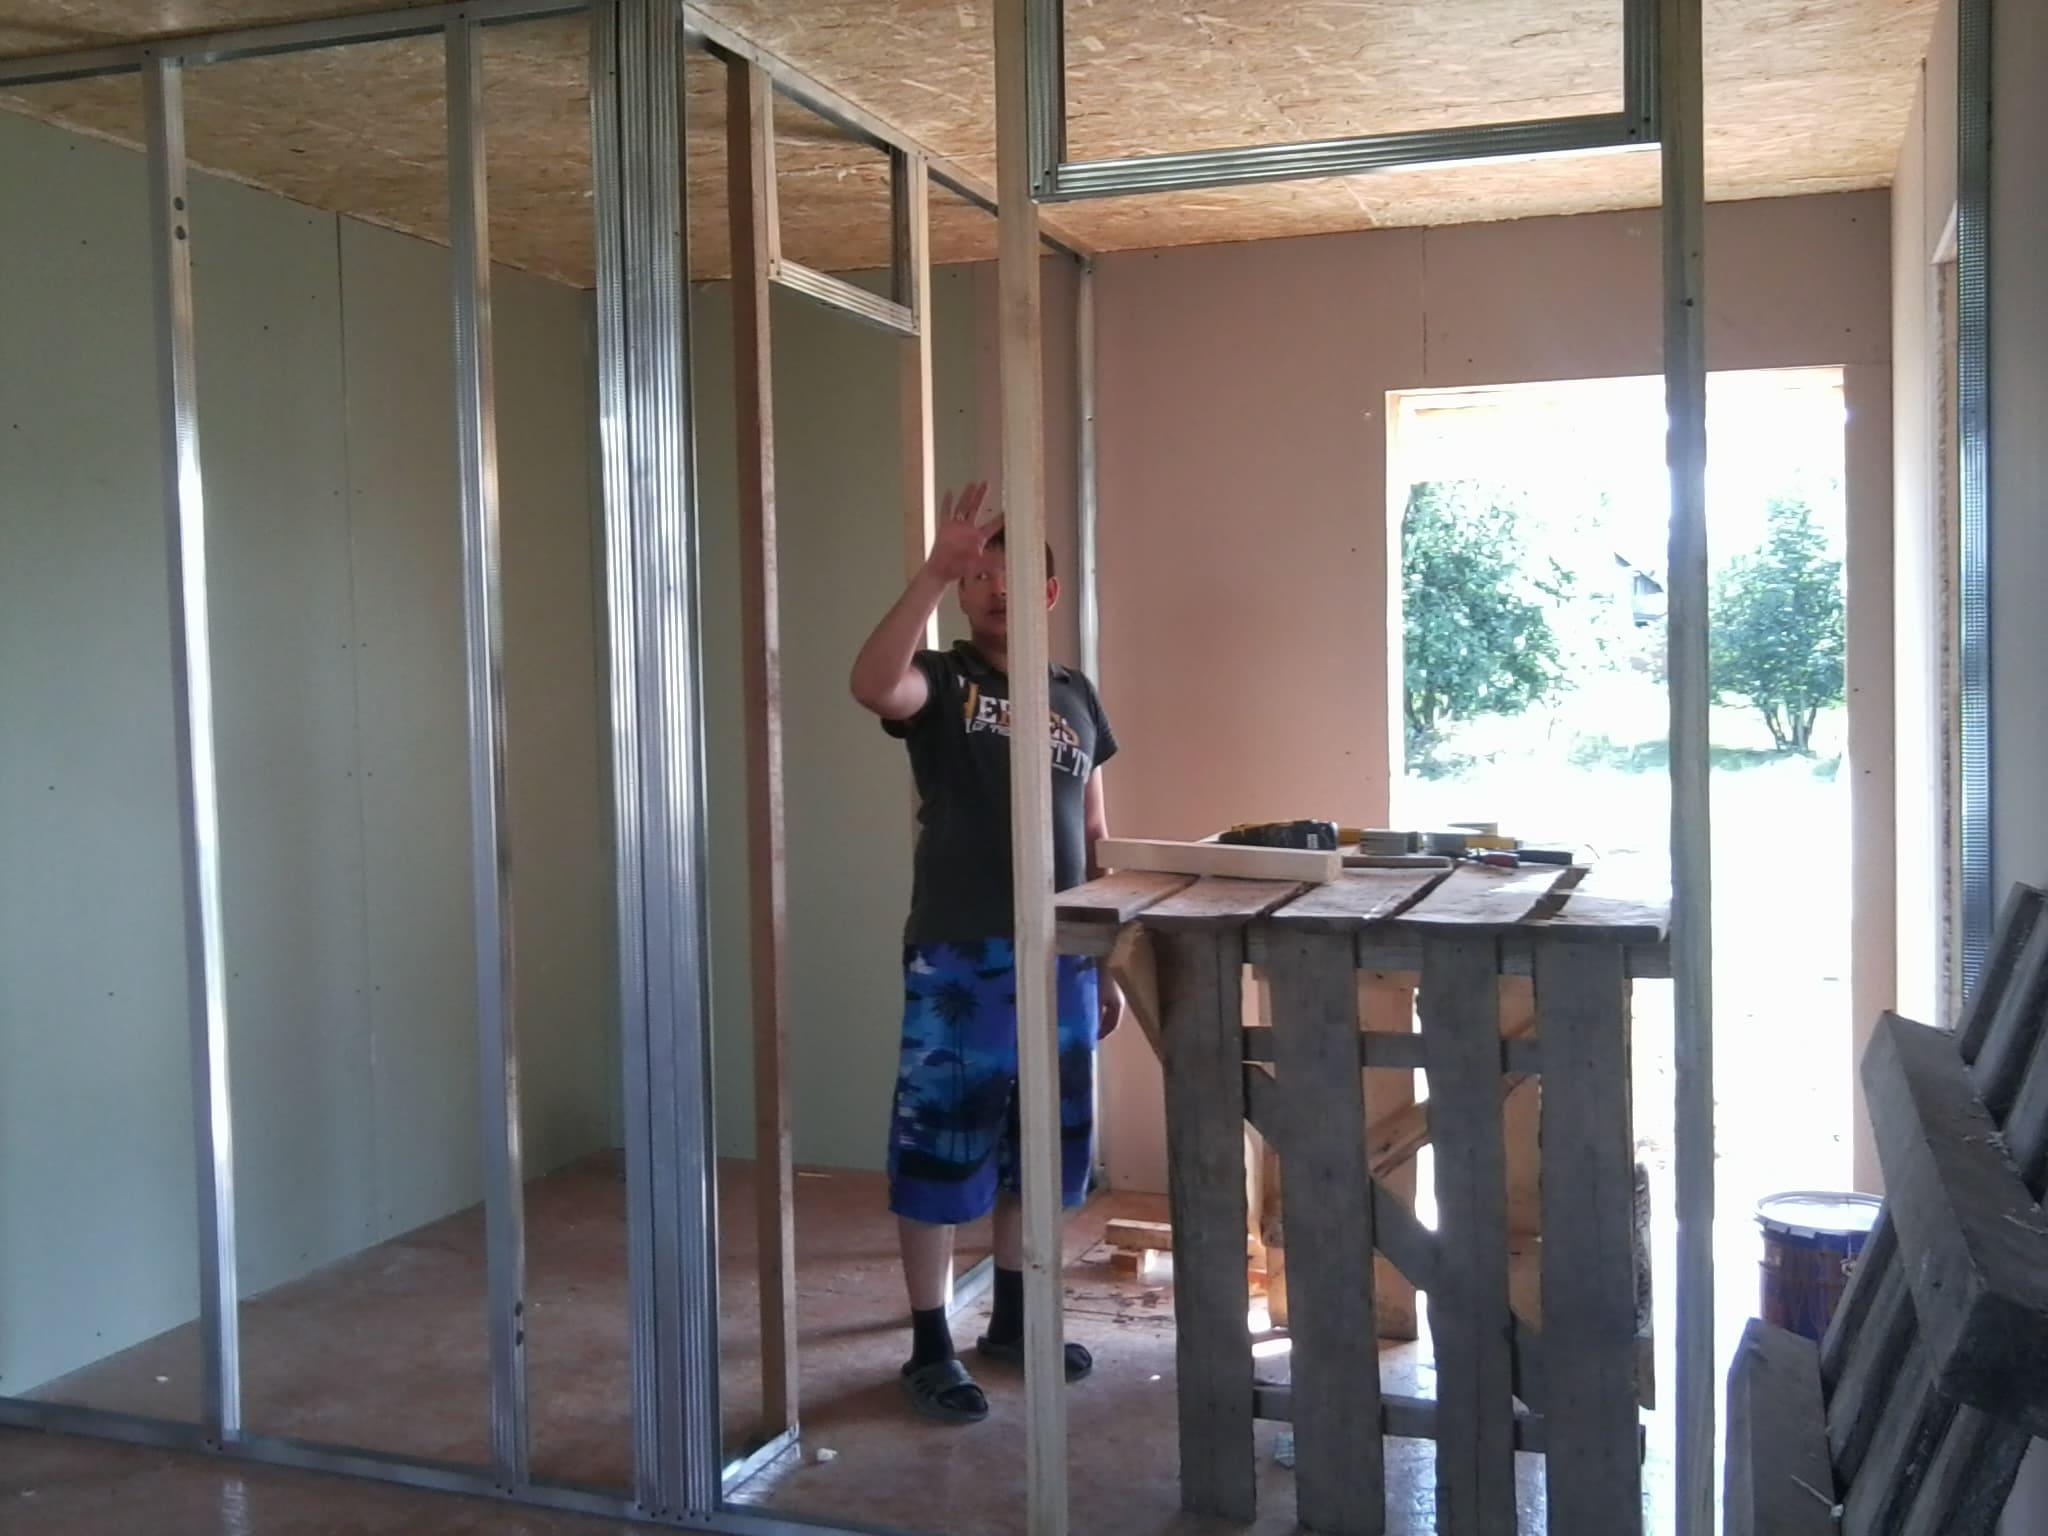 СИП-панели для строительства частного дома: опыт строительства и честный отзыв